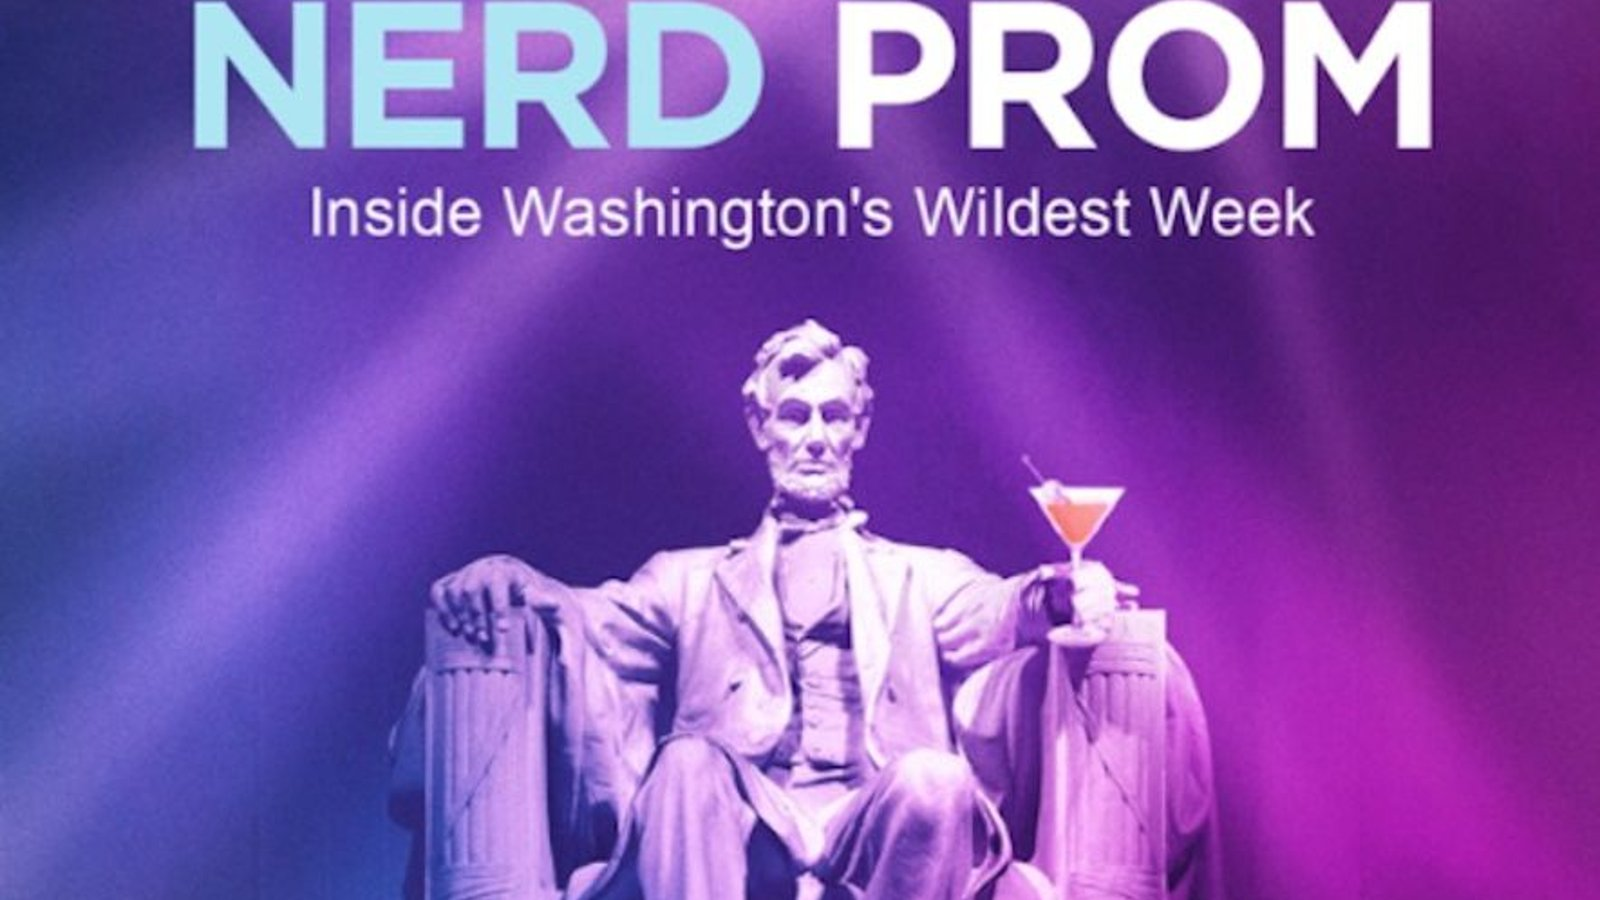 Nerd Prom: Inside Washington's Wildest Week